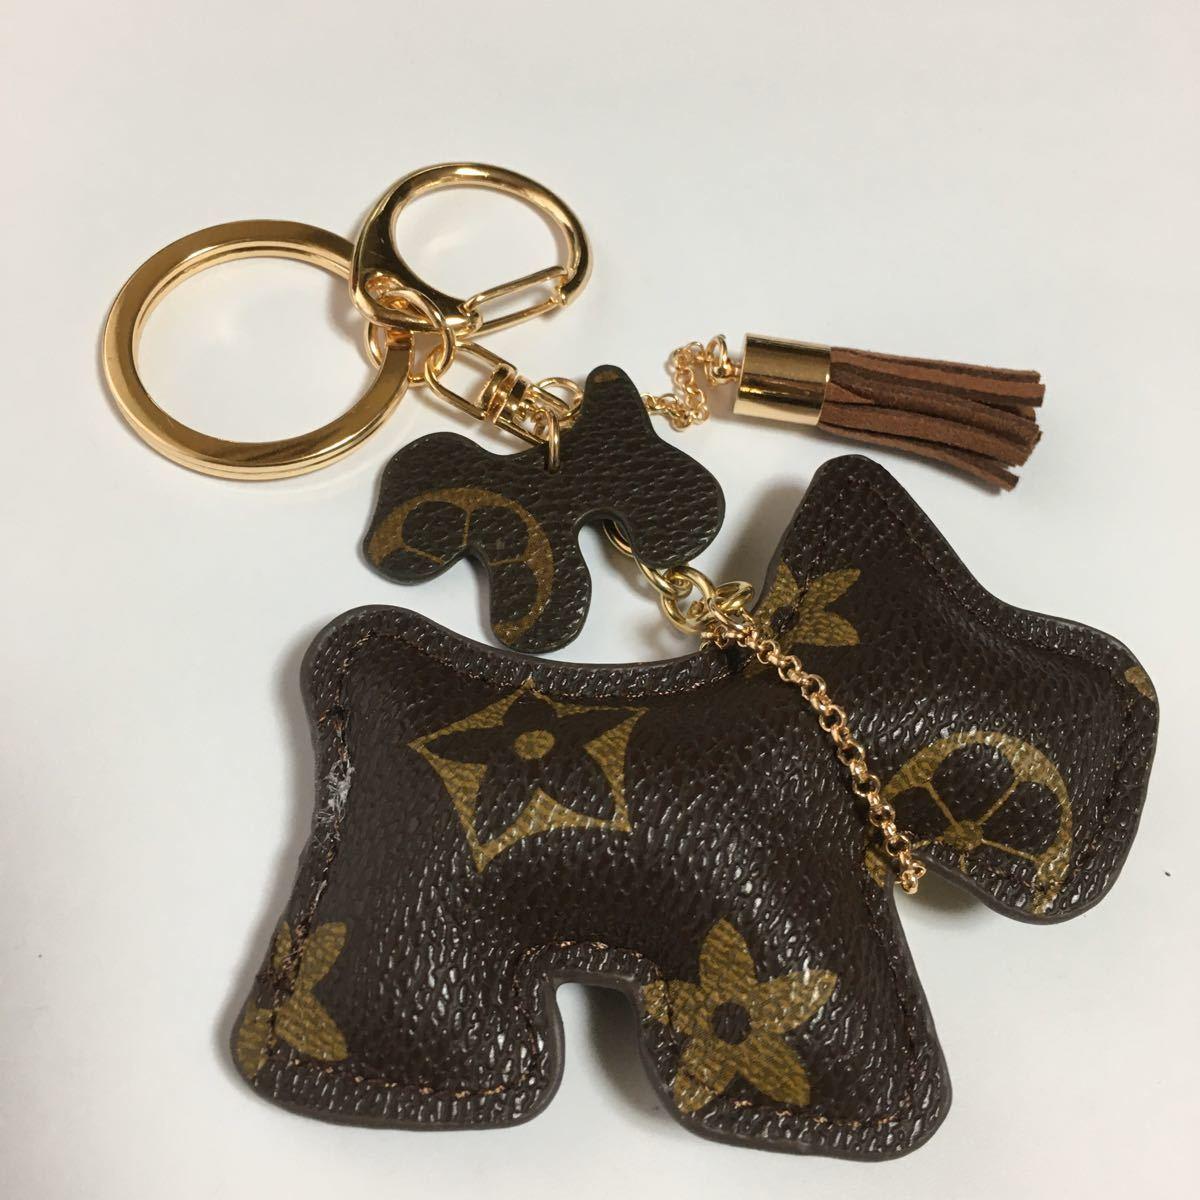 新品PUレザー犬のキーホルダー/ブラウンフラワー/キーリング/キーチェーン/チャーム